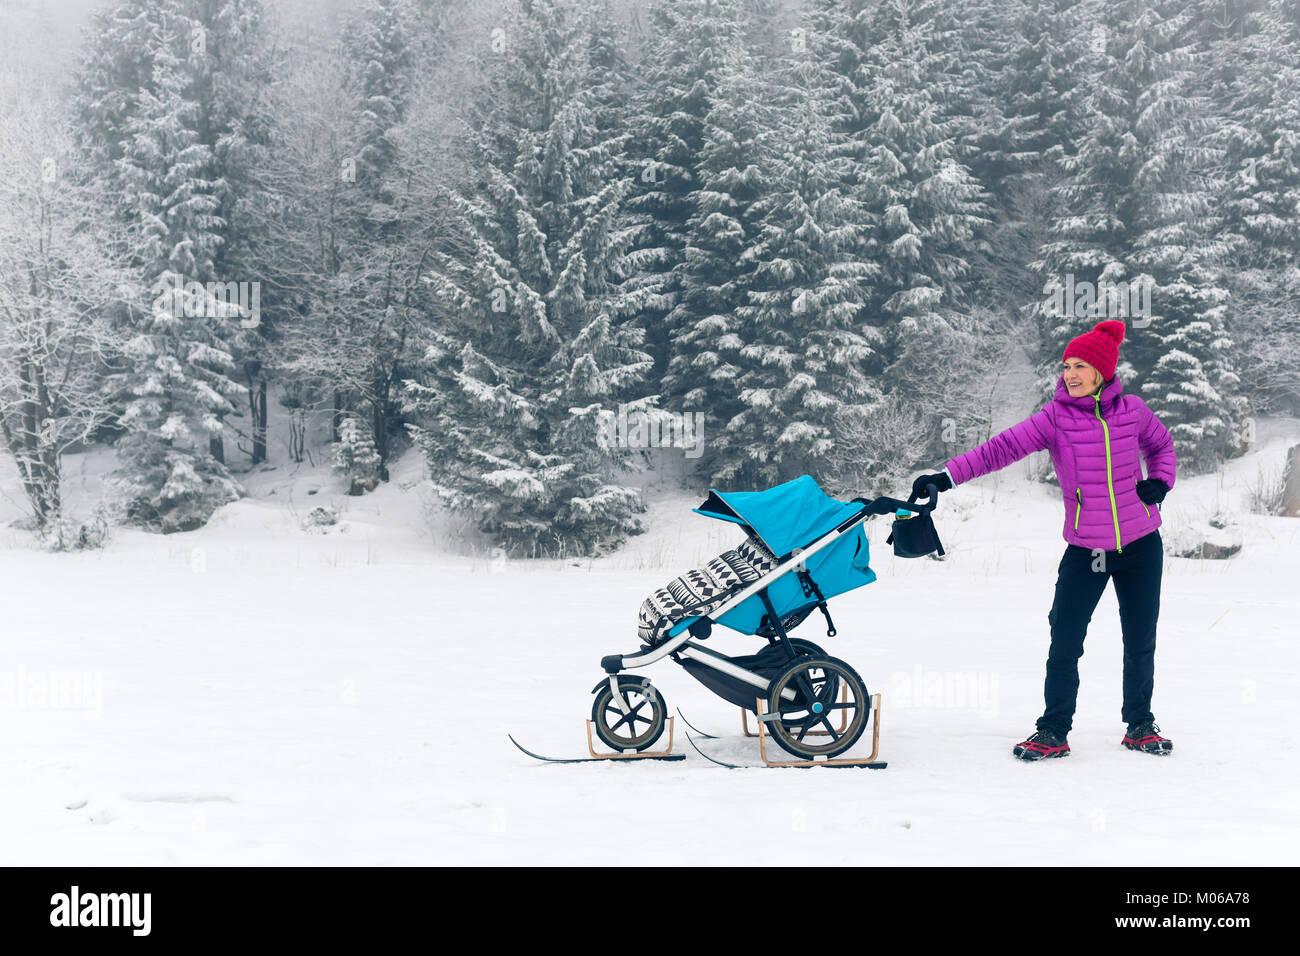 Mutter mit Baby Stroller genießen Mutterschaft im Winter Wald, in den Bergen. Joggen oder Walken Frau mit Schlitten Stockbild